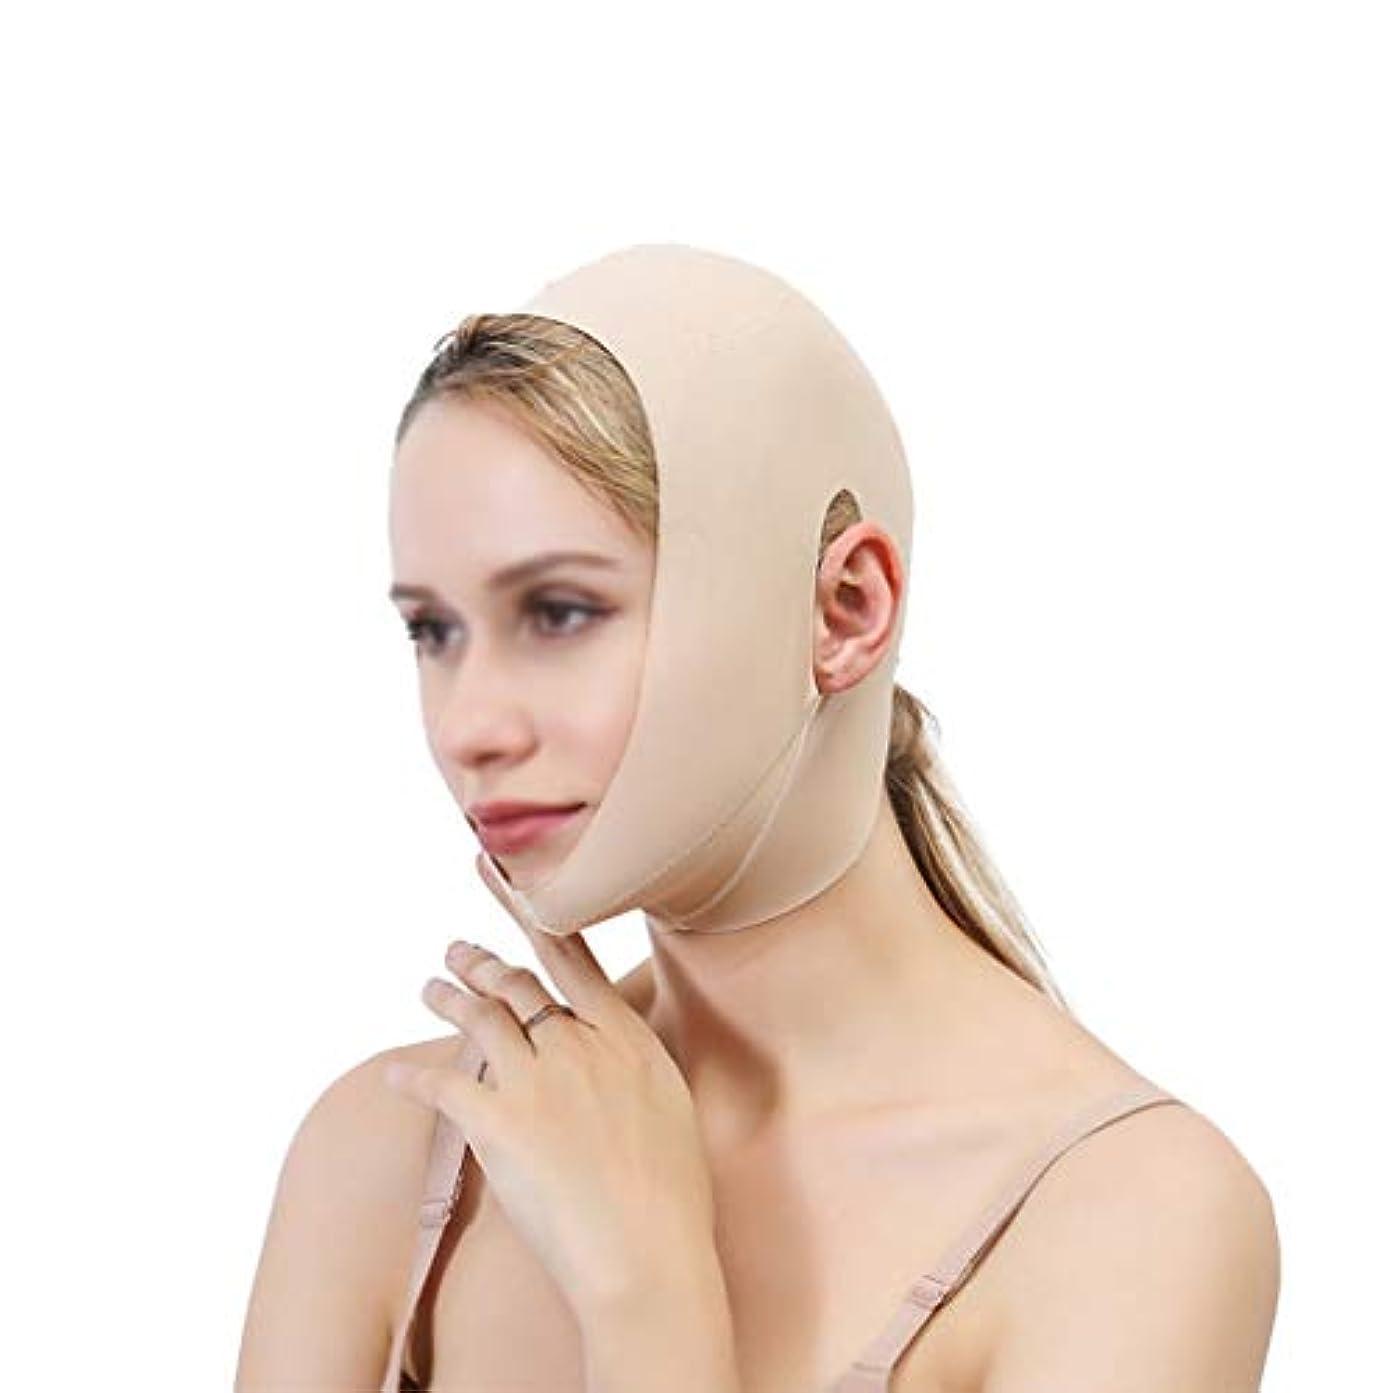 複雑なパーセント金額XHLMRMJ フェイスリフティングに適したあご吊りベルト、あご吊りベルト、薄手、通気性、顔面減量